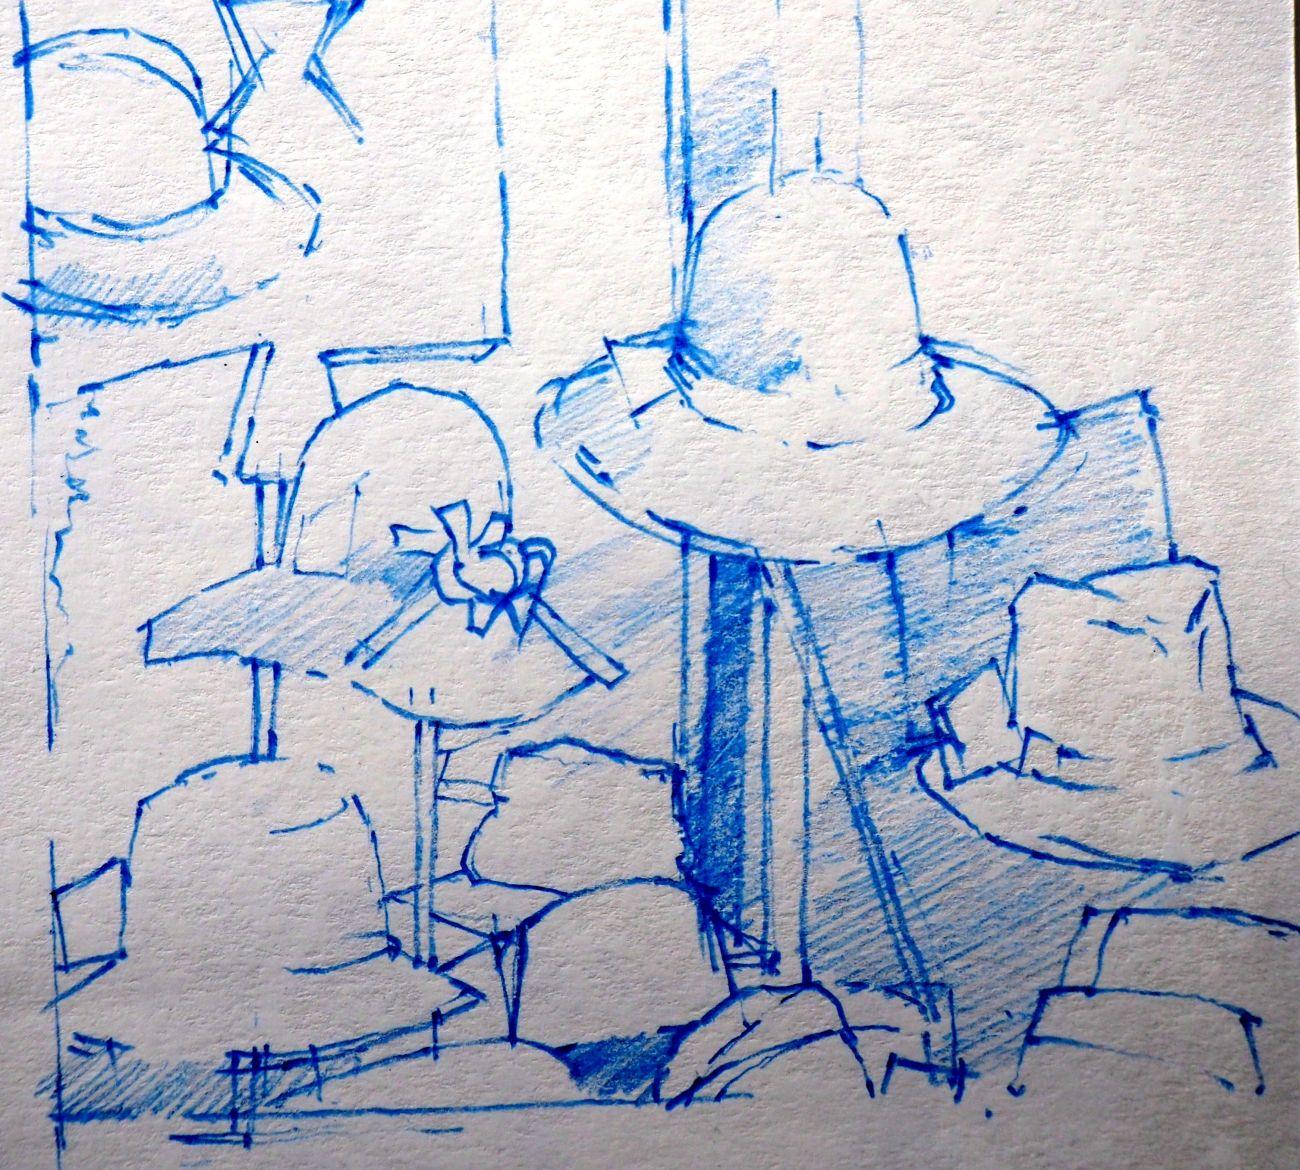 Grundlagen des Zeichnens, Zeichenkurs mit Anthony J. Smith